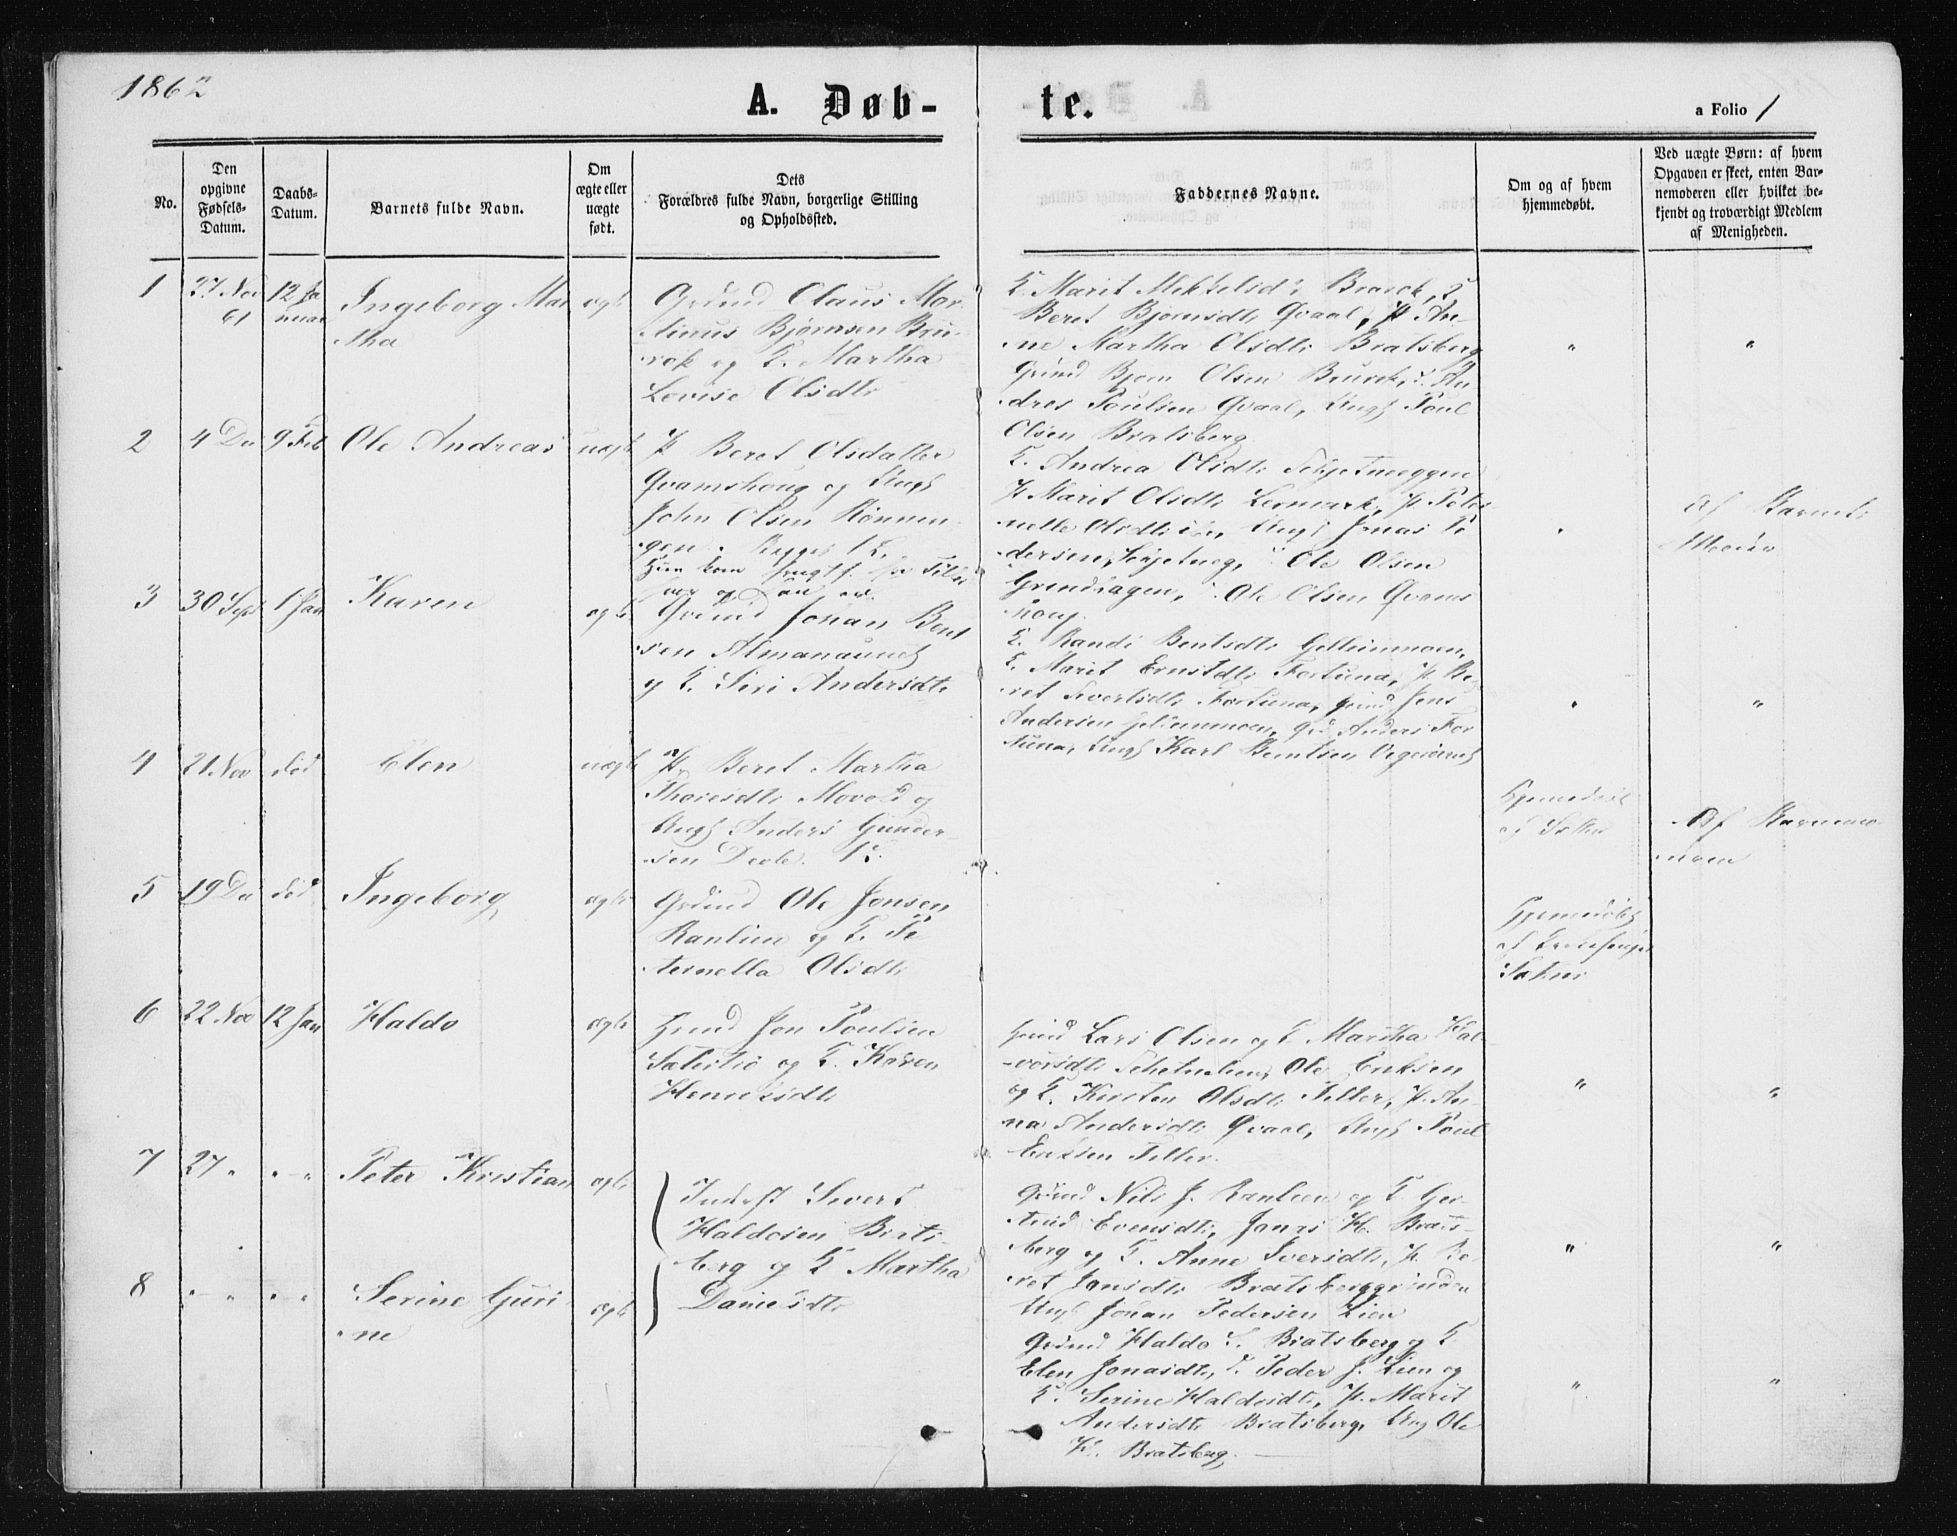 SAT, Ministerialprotokoller, klokkerbøker og fødselsregistre - Sør-Trøndelag, 608/L0333: Ministerialbok nr. 608A02, 1862-1876, s. 1